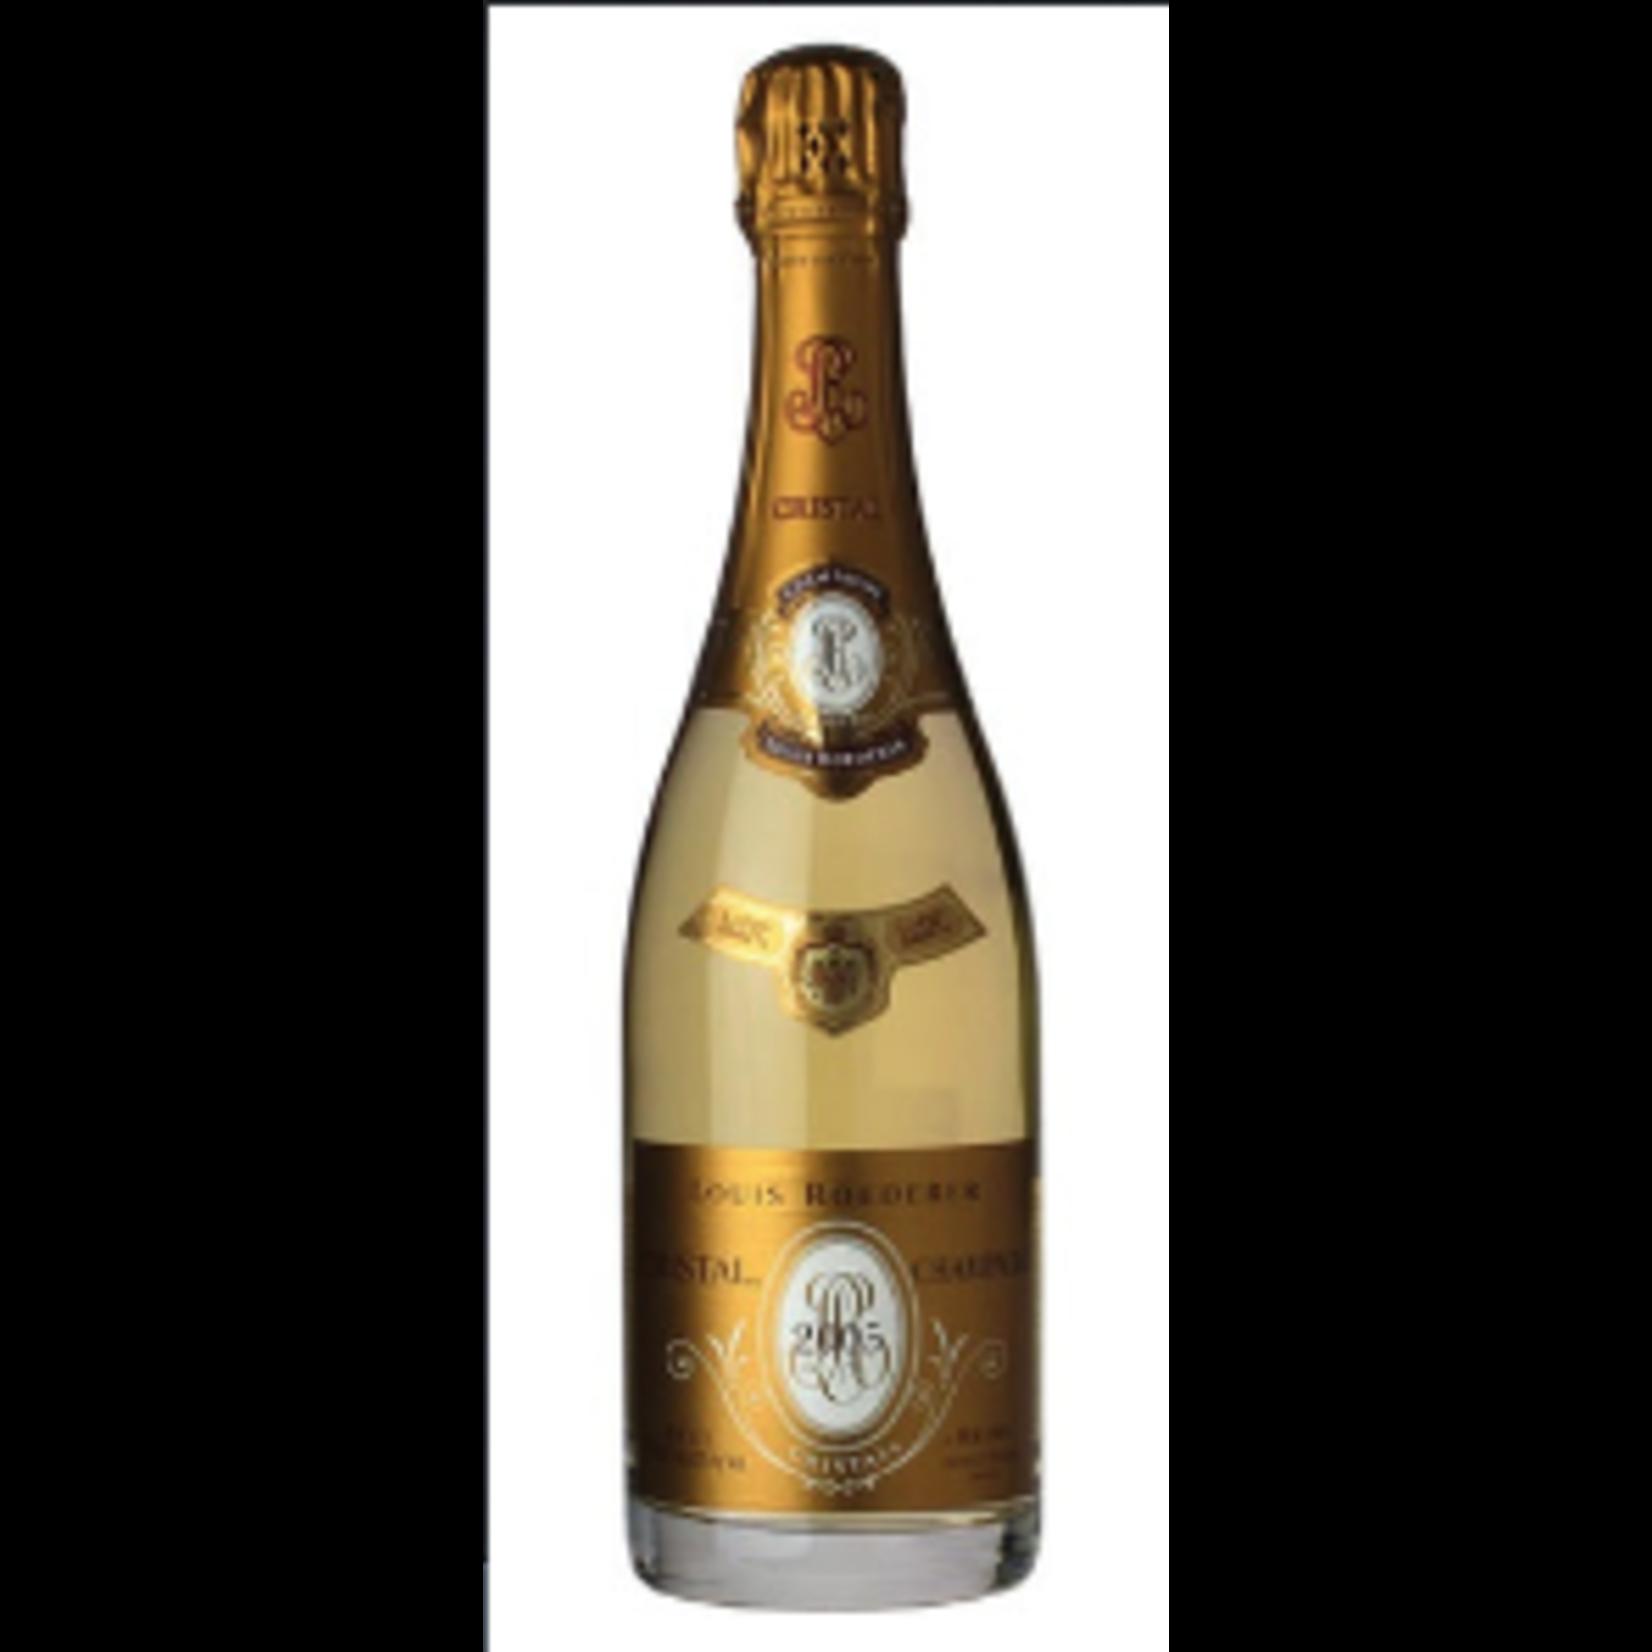 Louis Roeder Roederer Cristal Champagne 2013  Champagne, FranceFrance